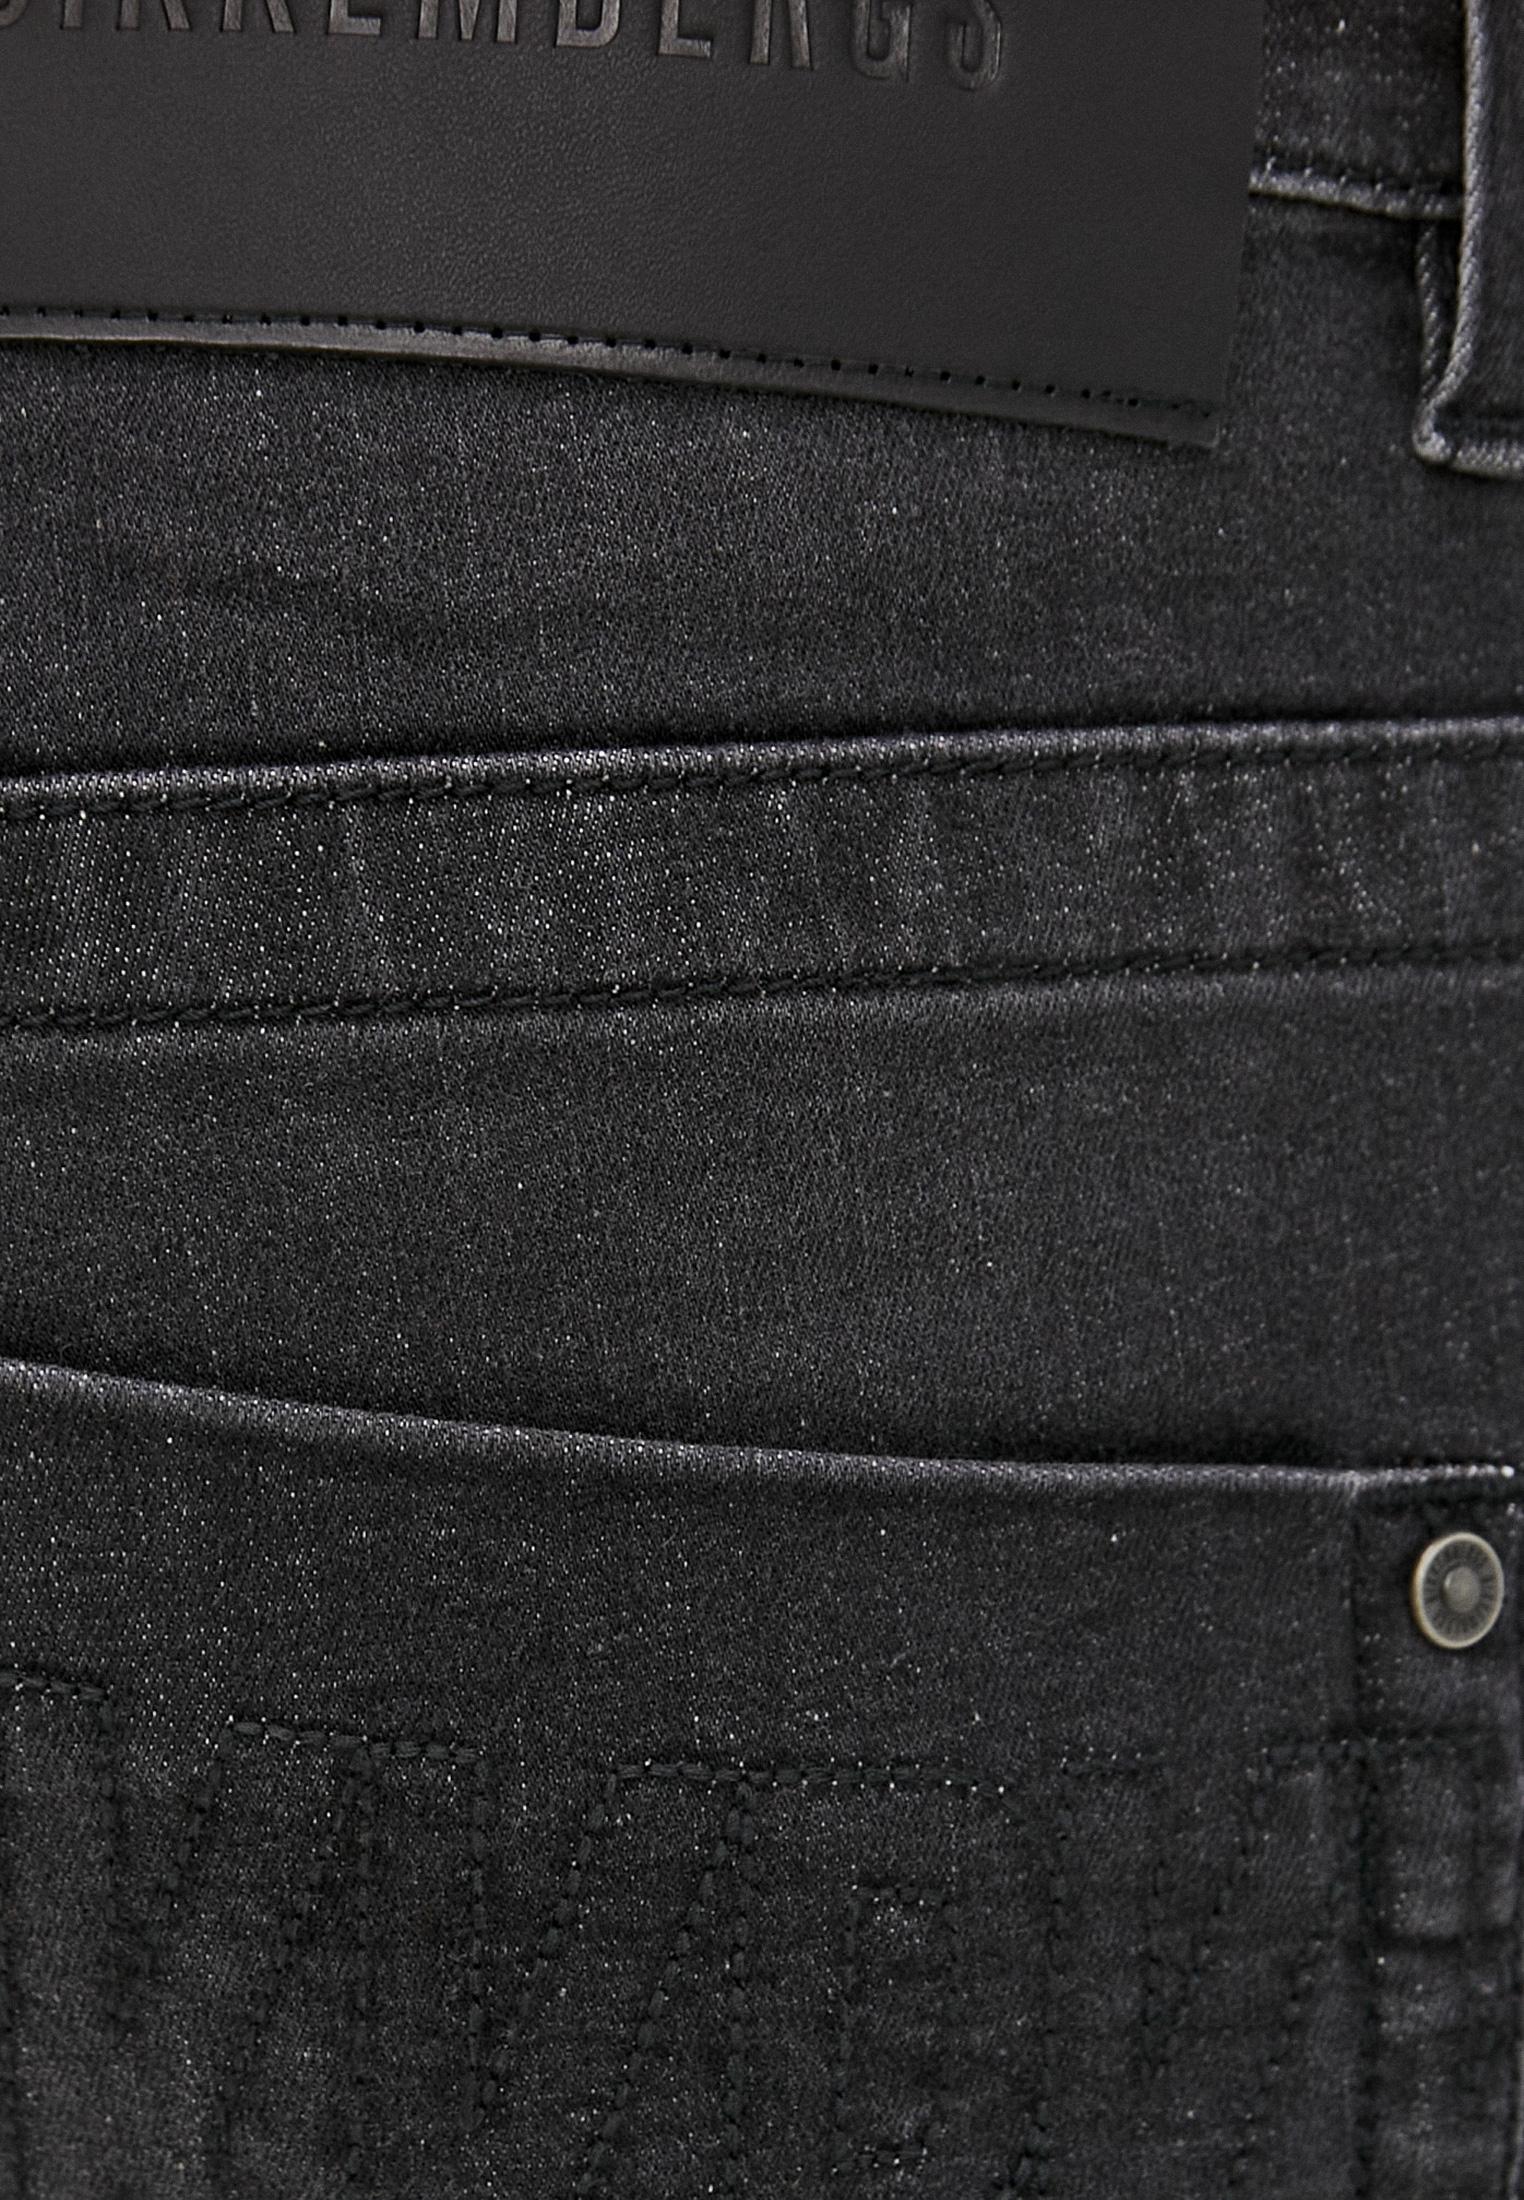 Мужские зауженные джинсы Bikkembergs (Биккембергс) C Q 101 17 S 3446: изображение 5